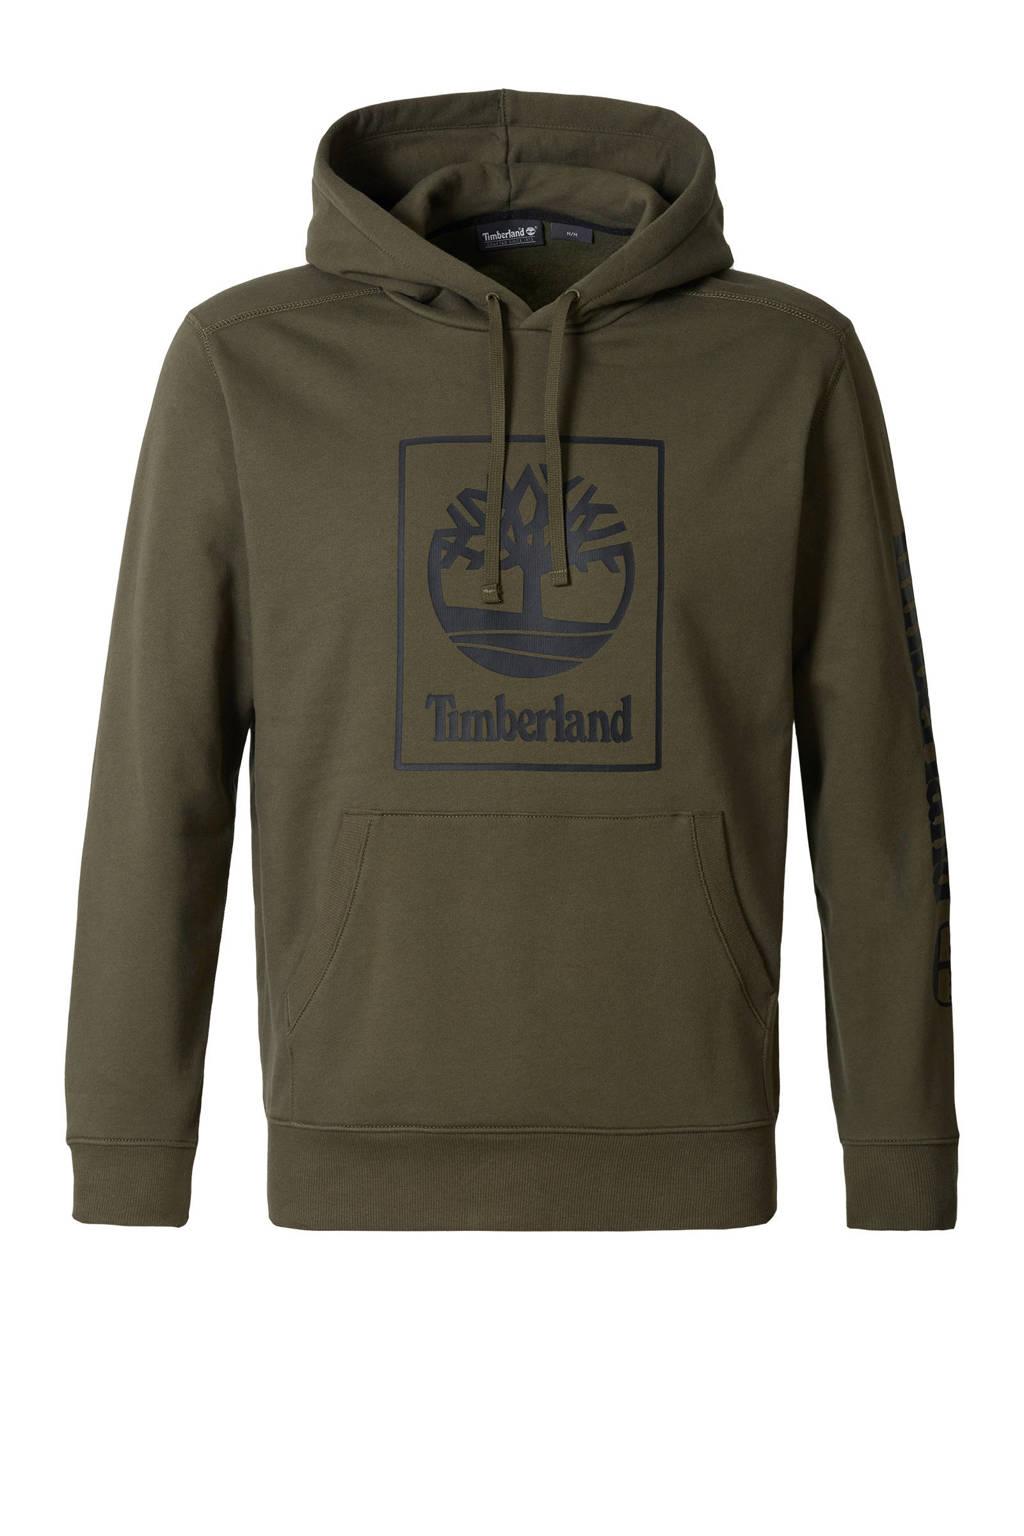 Timberland hoodie met logo donkergroen, Donkergroen